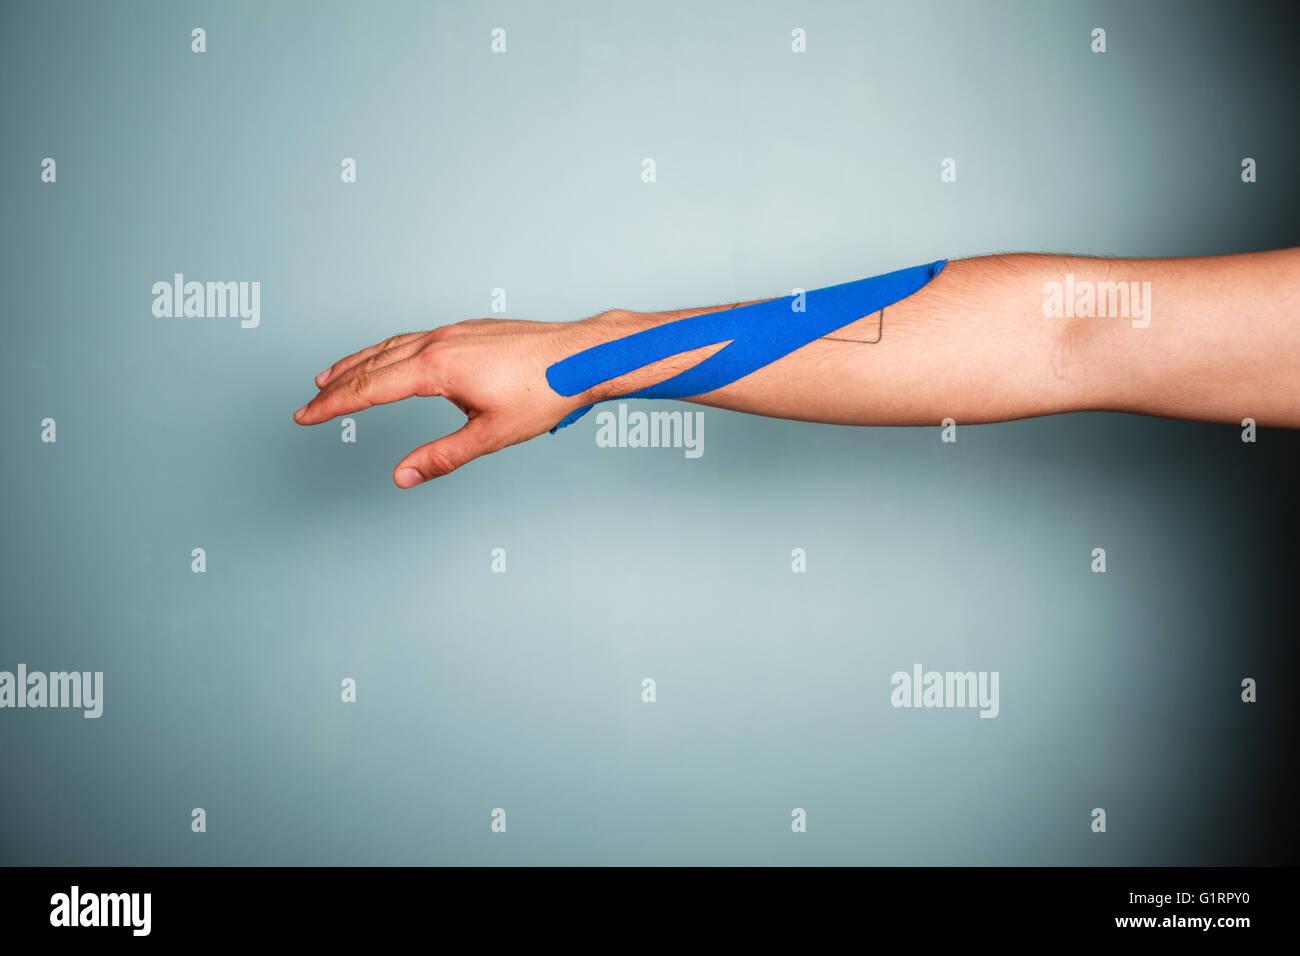 Le bras d'un homme avec du ruban kinesio sur elle Photo Stock